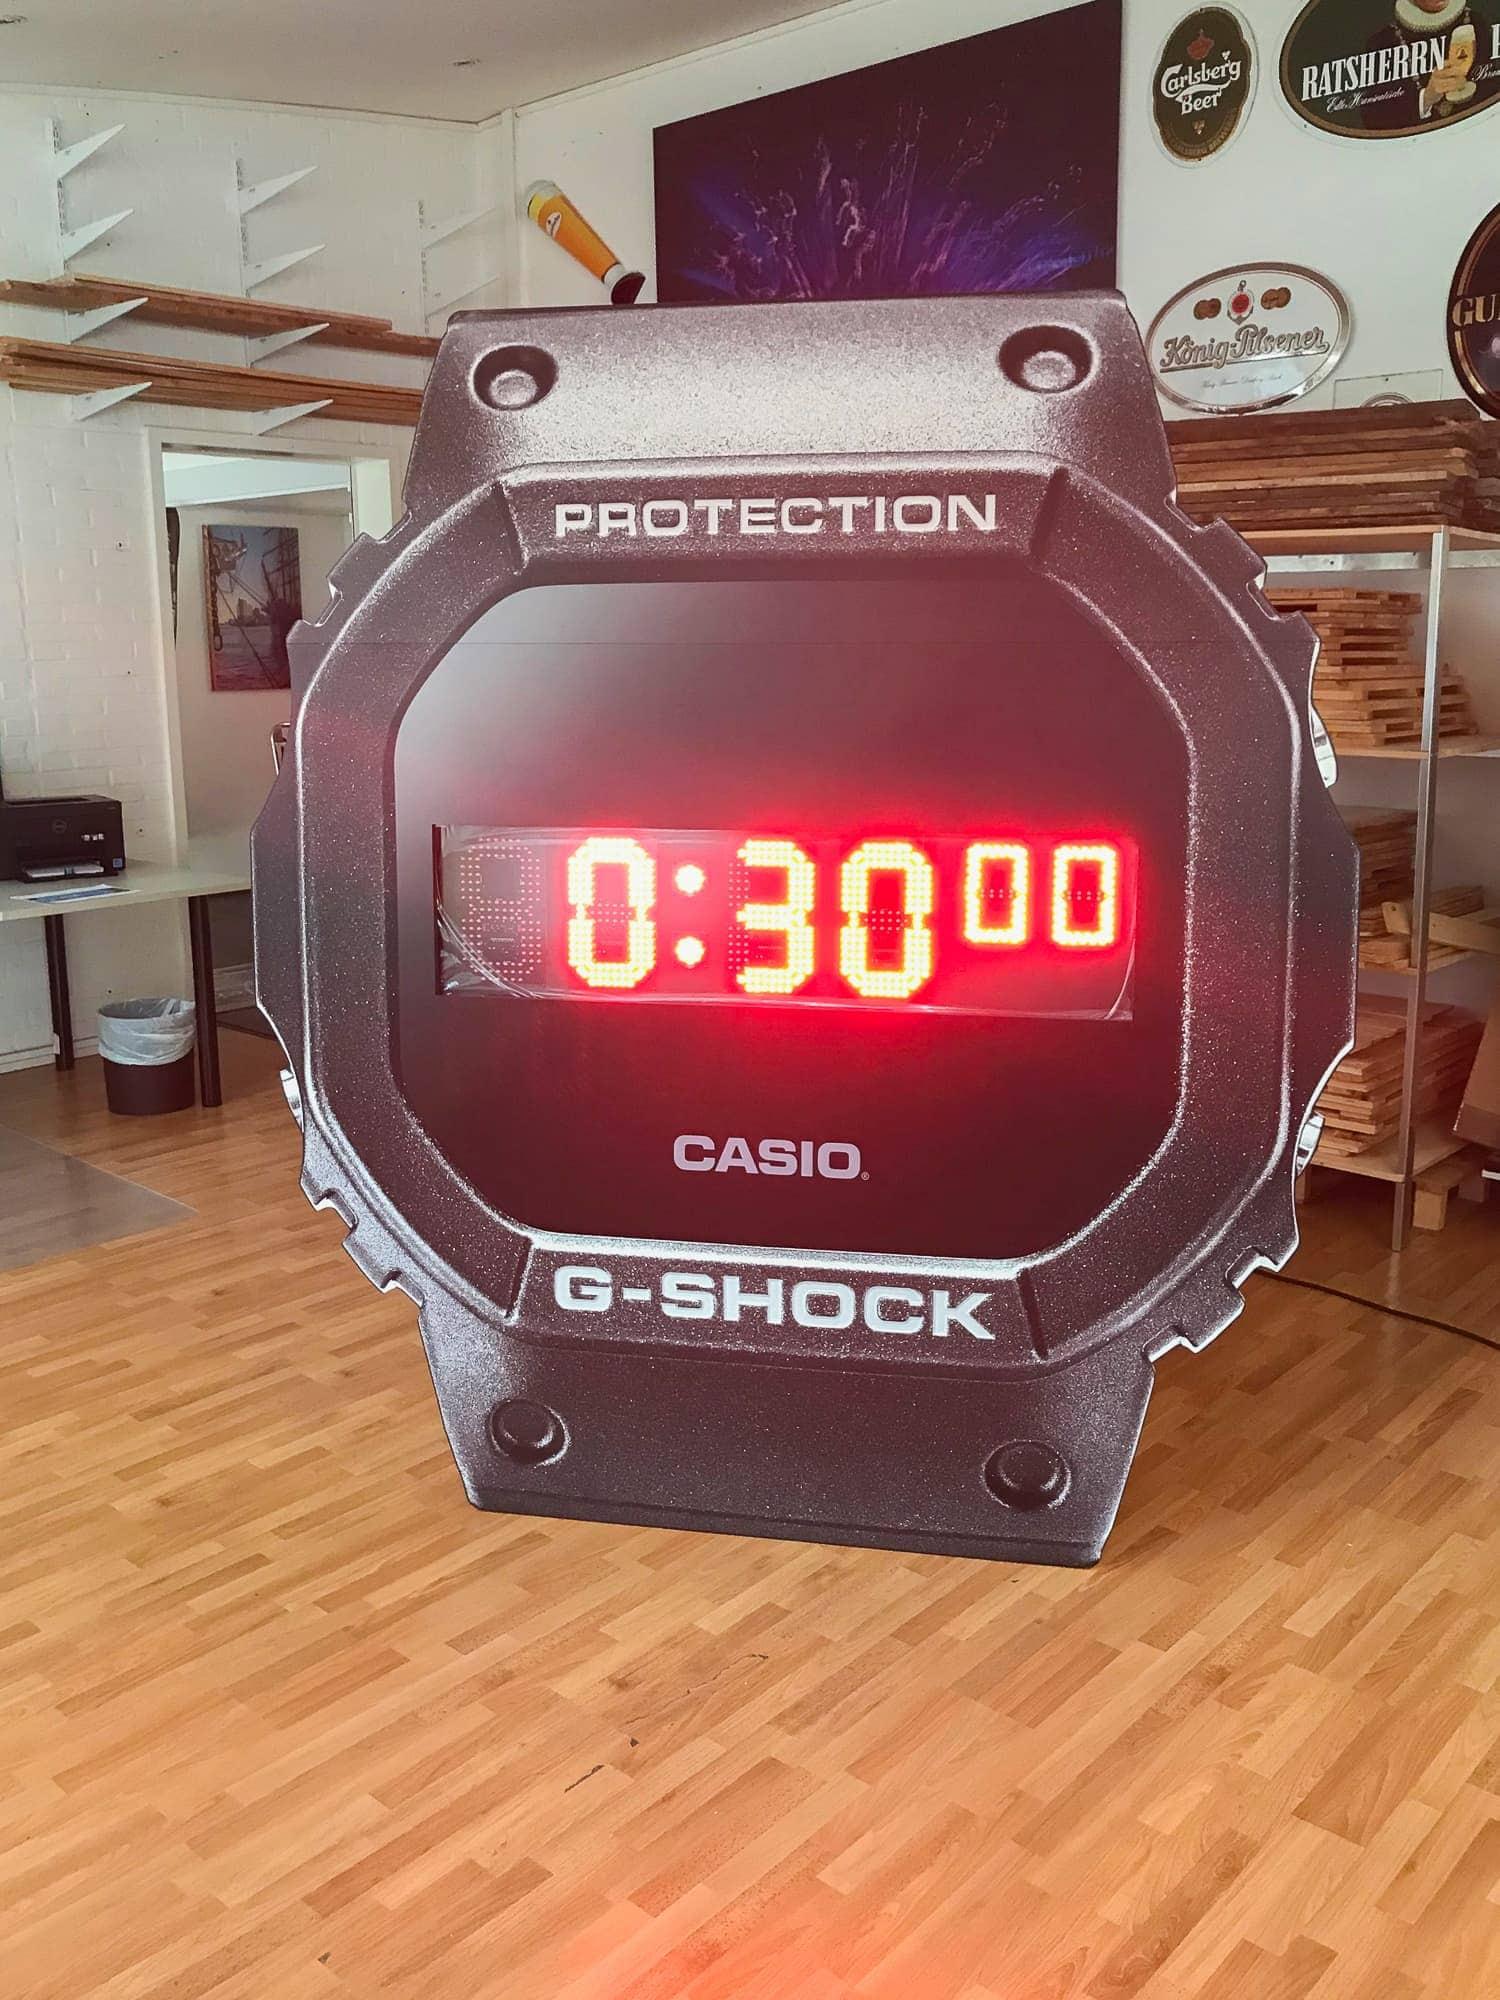 Freistehende LCD Uhr für CASIO G-Shock, als große Stoppuhr für Veranstaltungen